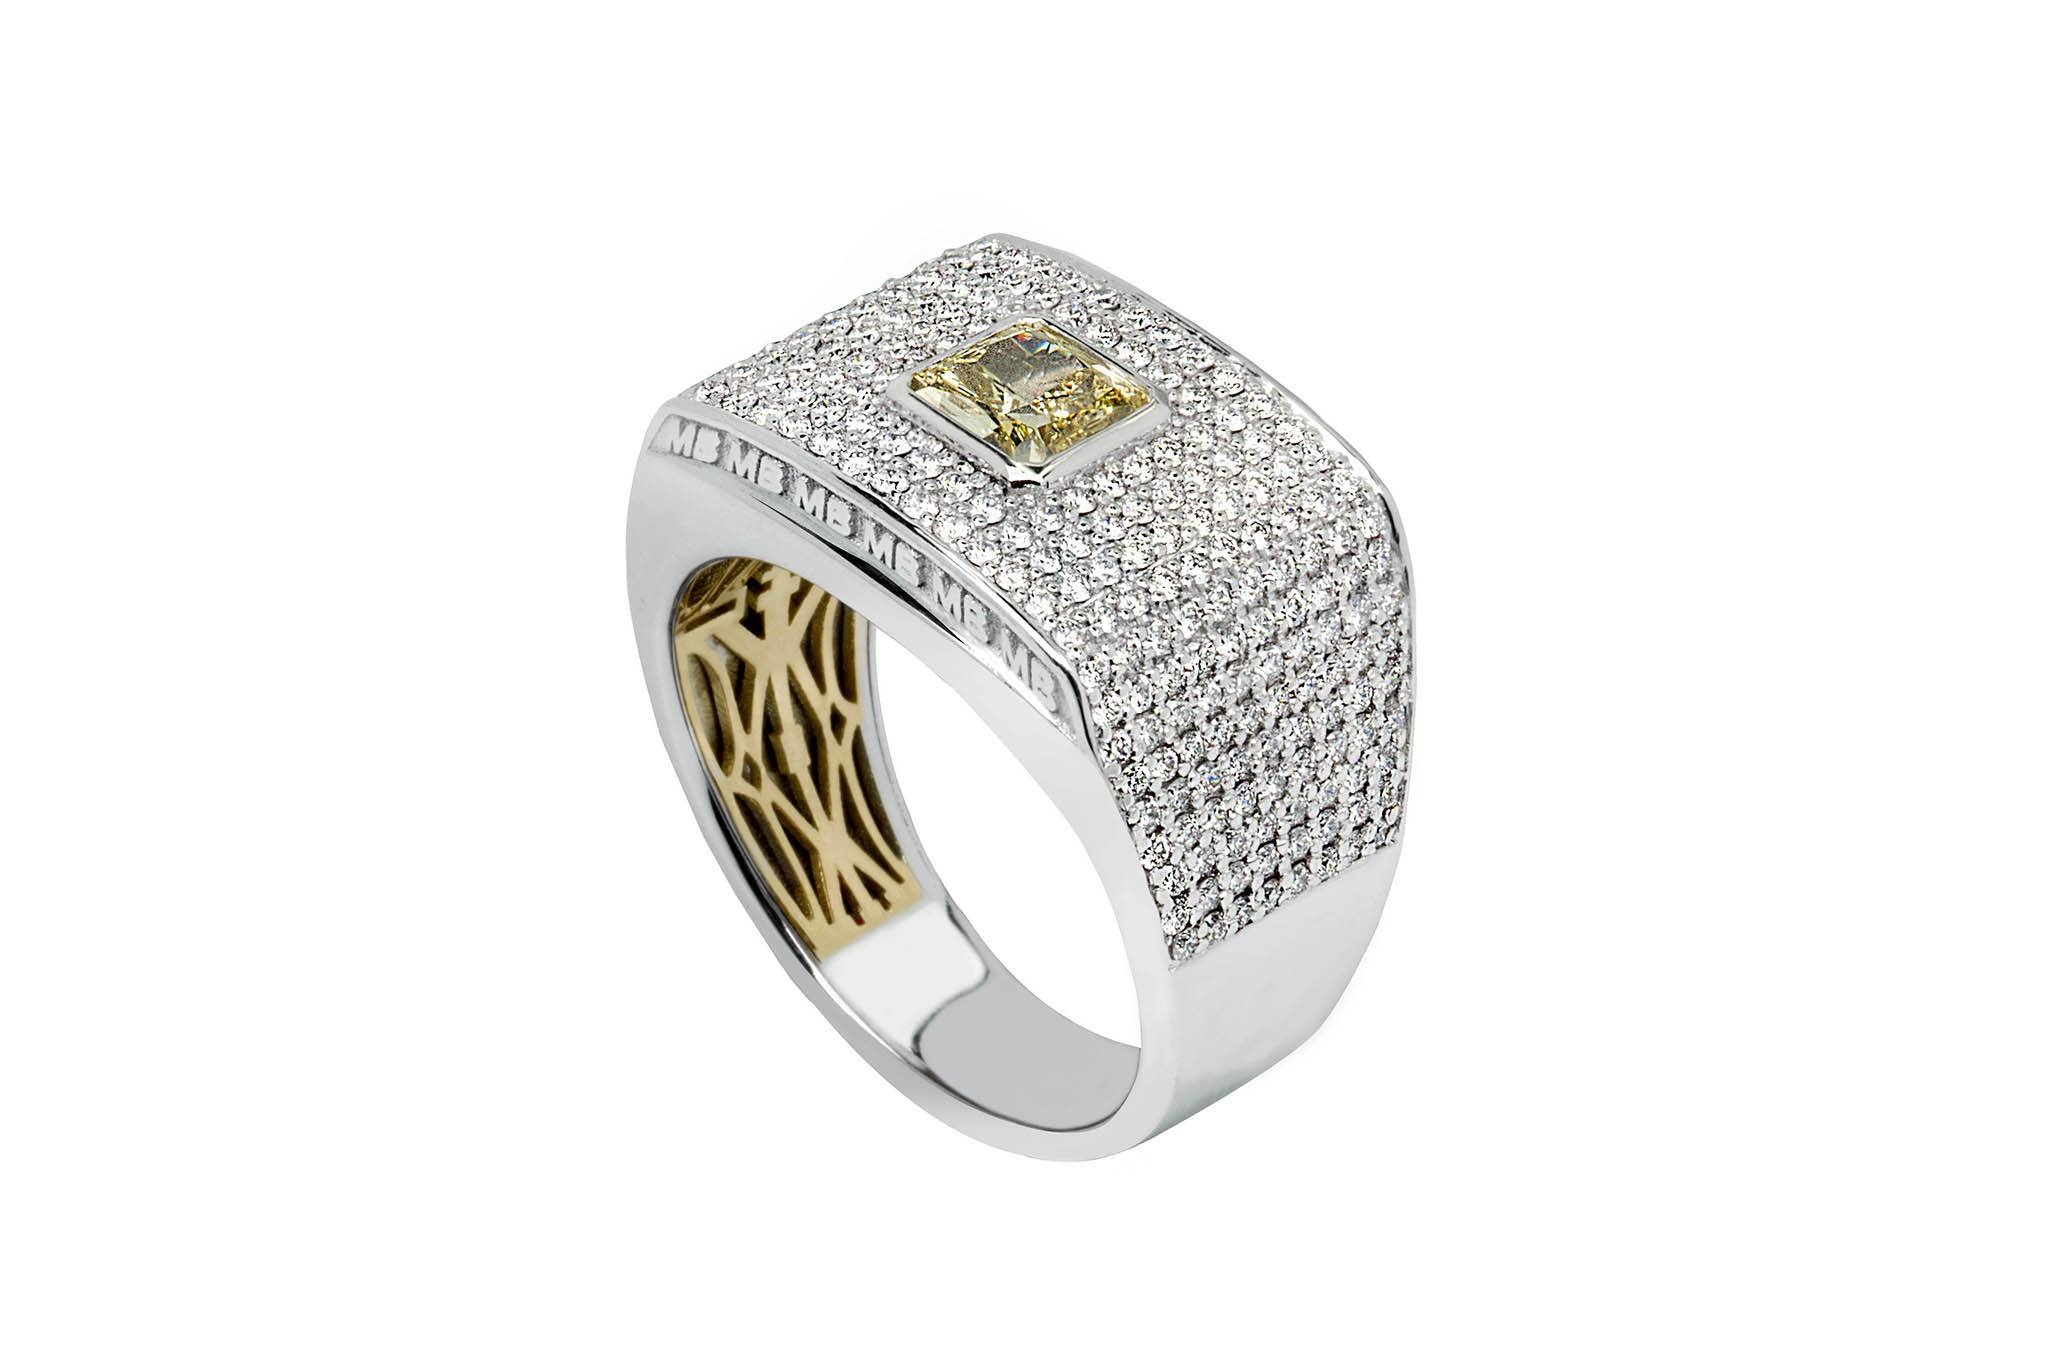 Custom Design Wedding Rings For Her | Kalfin Intended For 2017 Custom Design Wedding Bands (View 5 of 15)